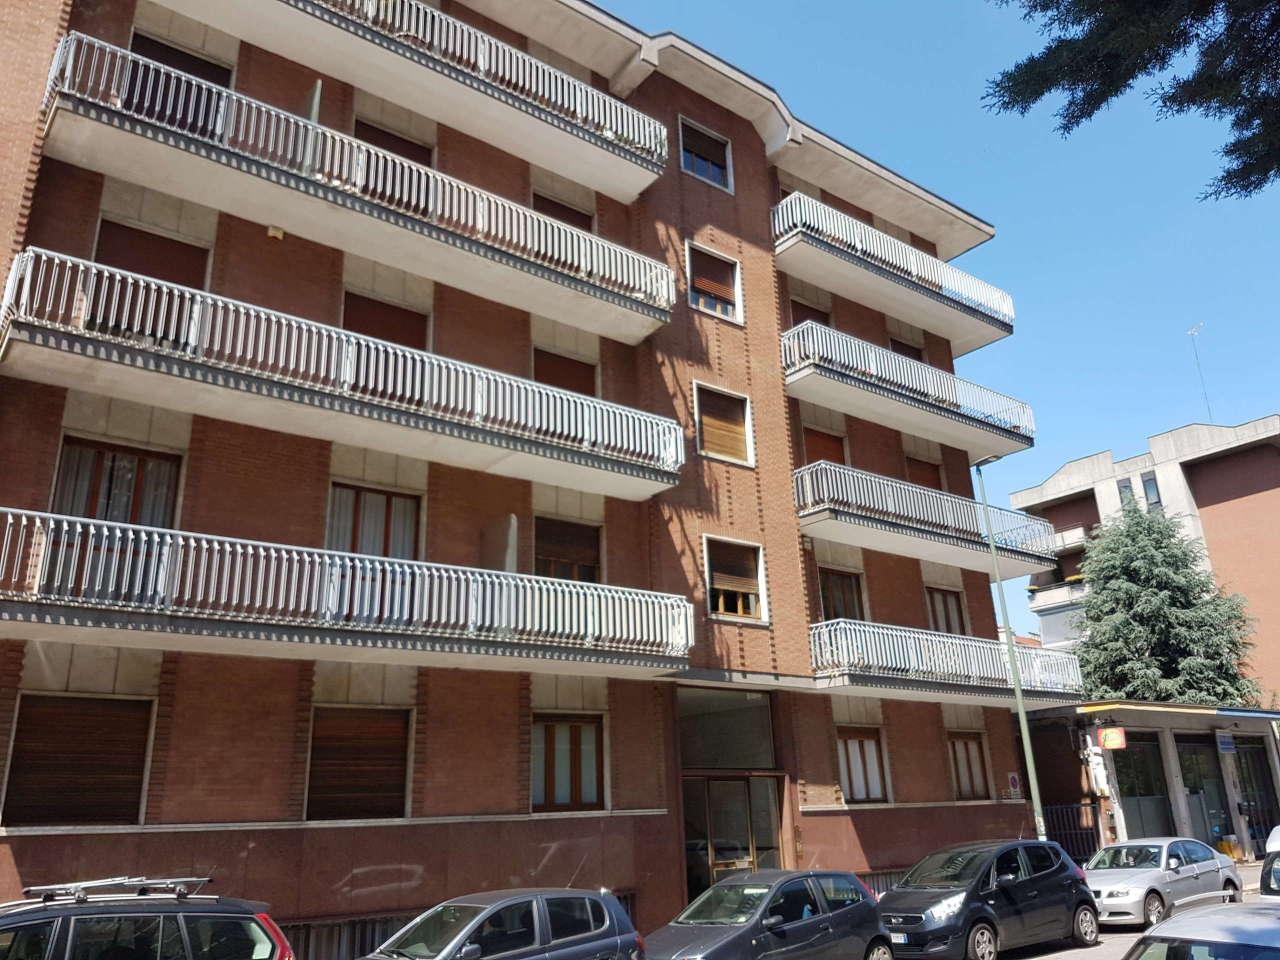 Ufficio a Parella, Torino Rif. 6693761